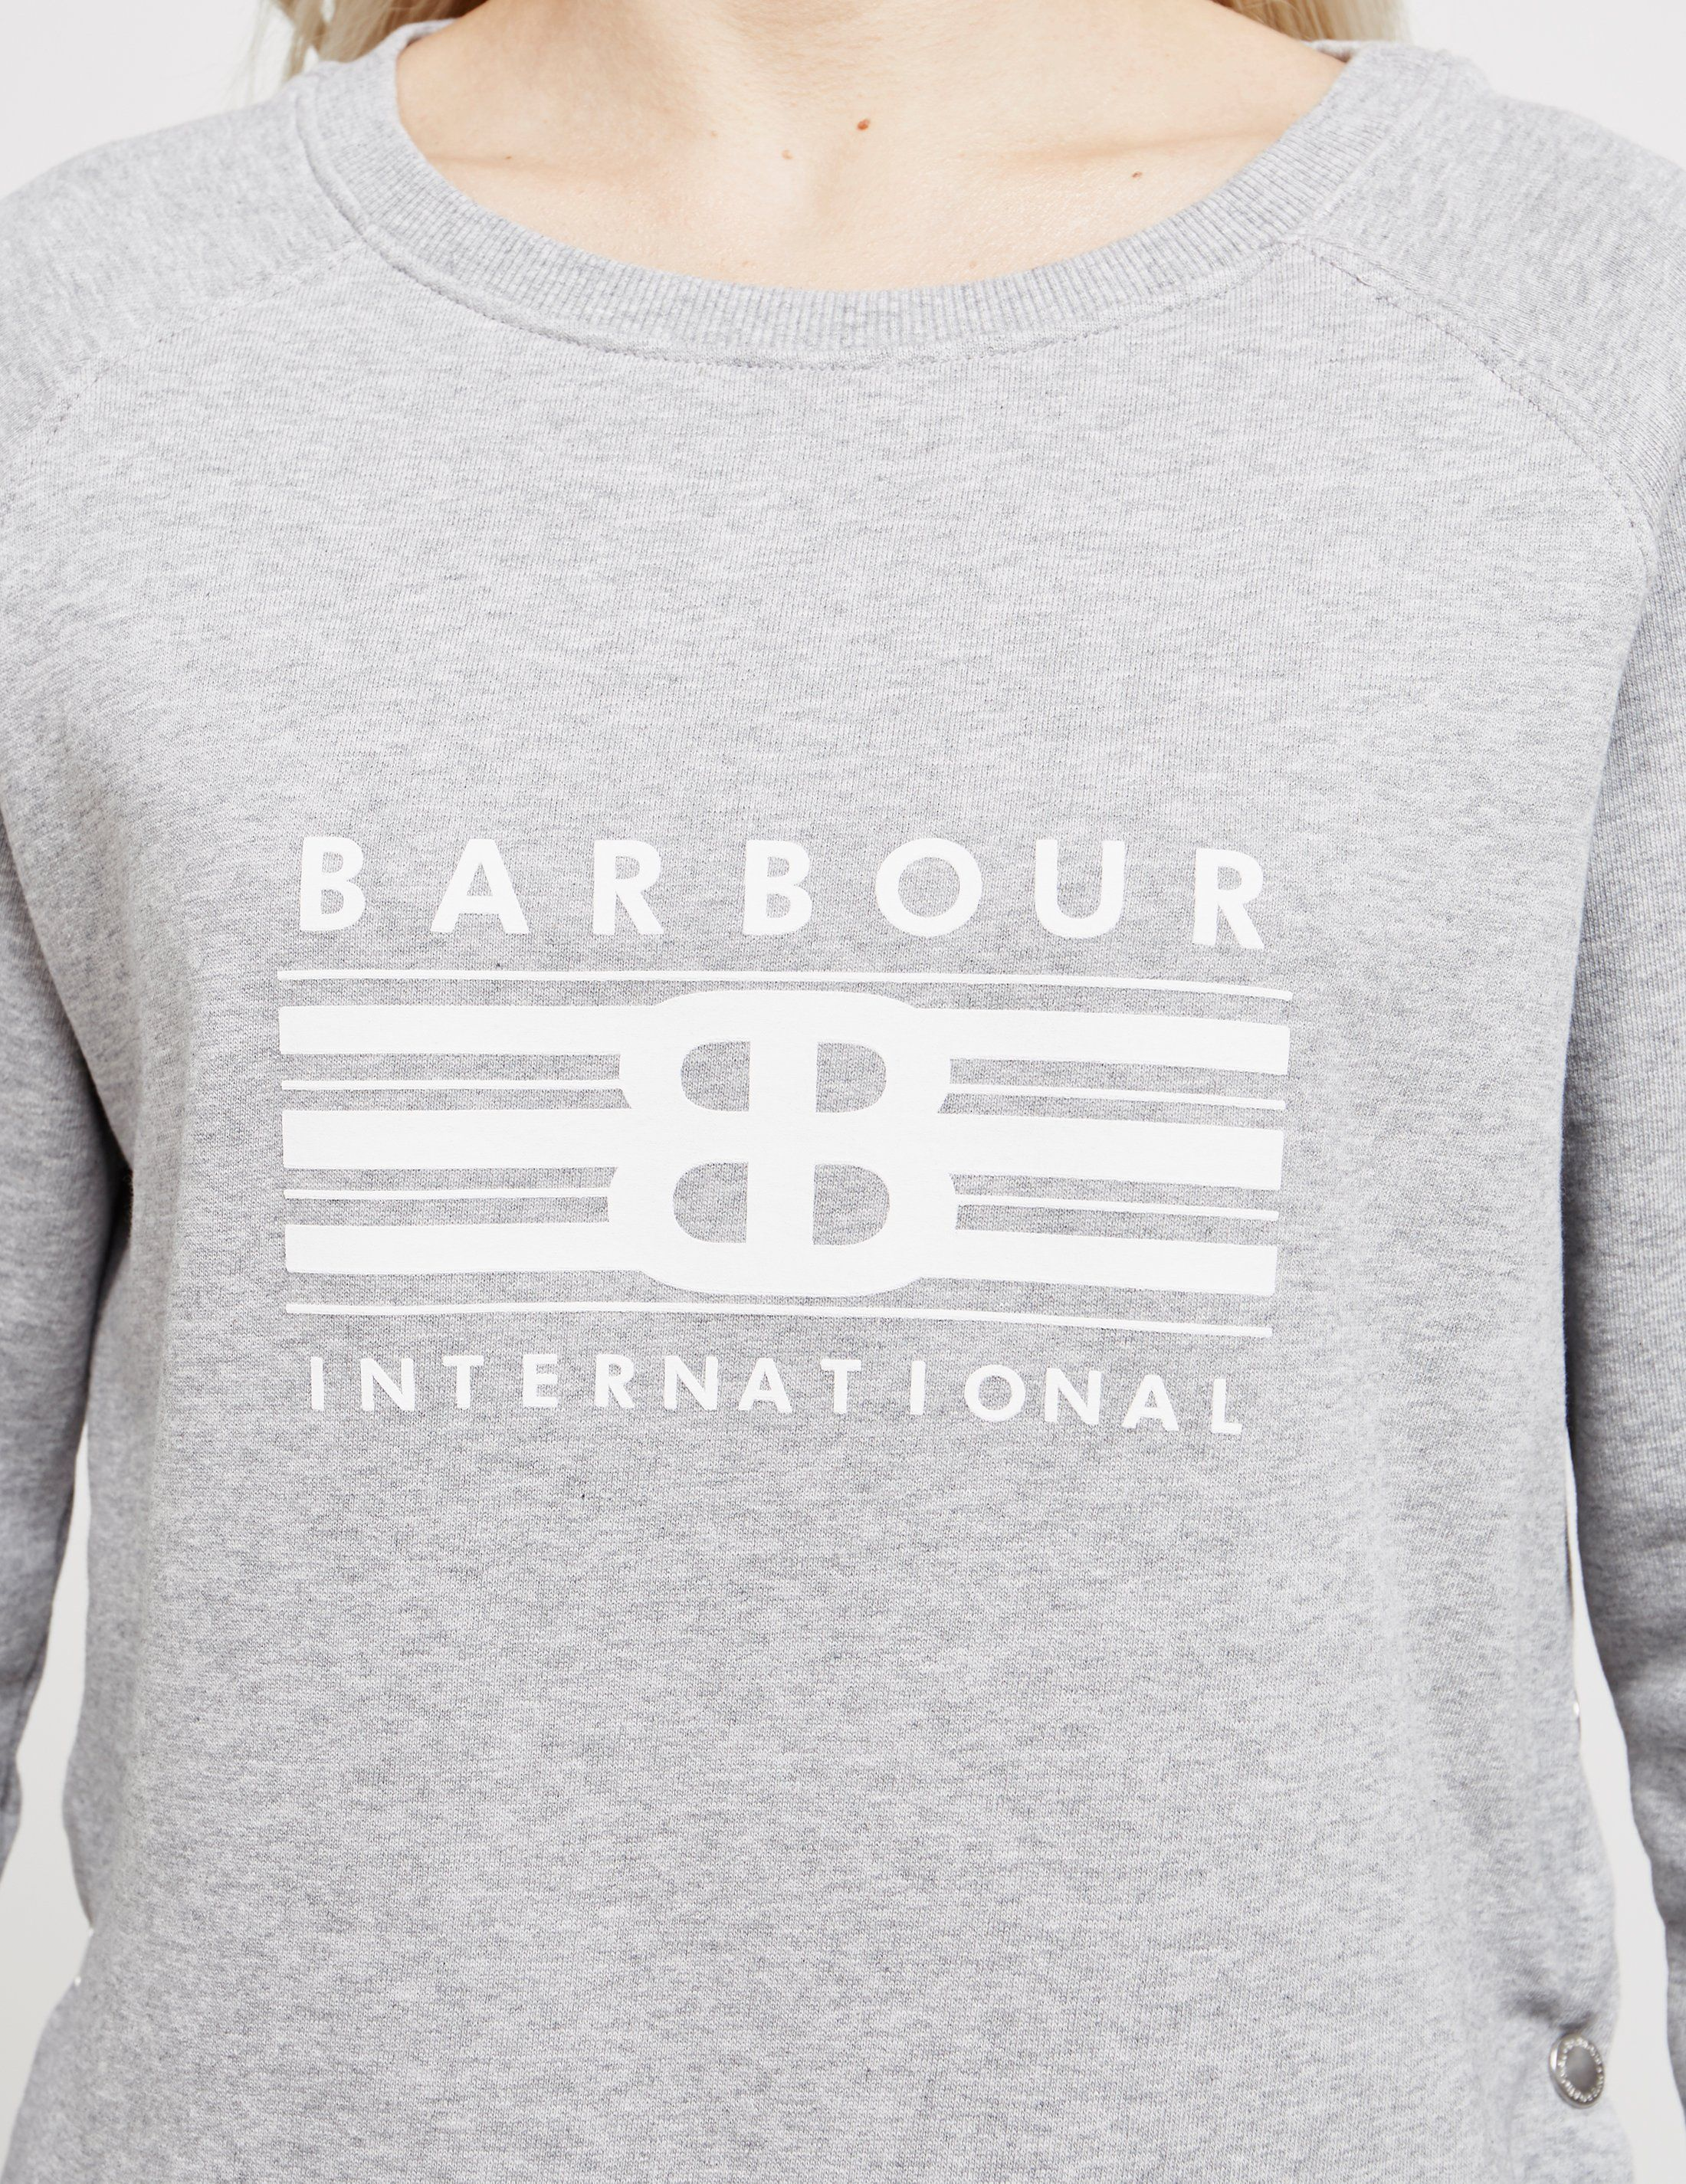 Barbour International Cortina Sweatshirt